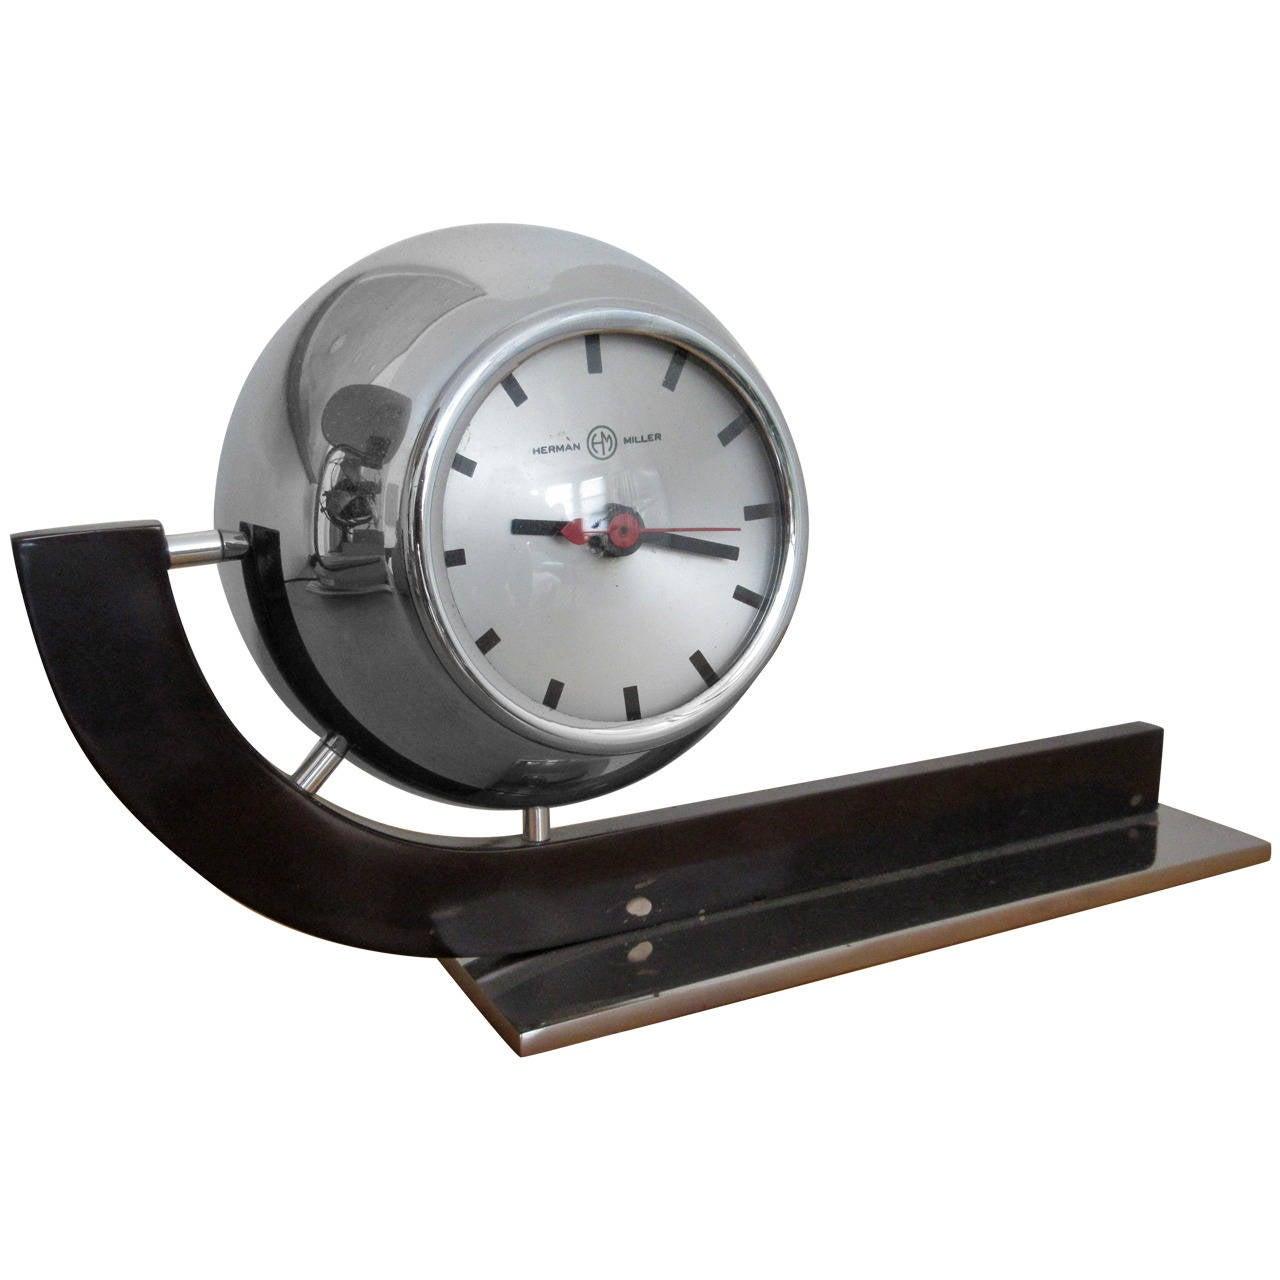 Rare Gilbert Rohde For Herman Miller Desk Clock At 1stdibs